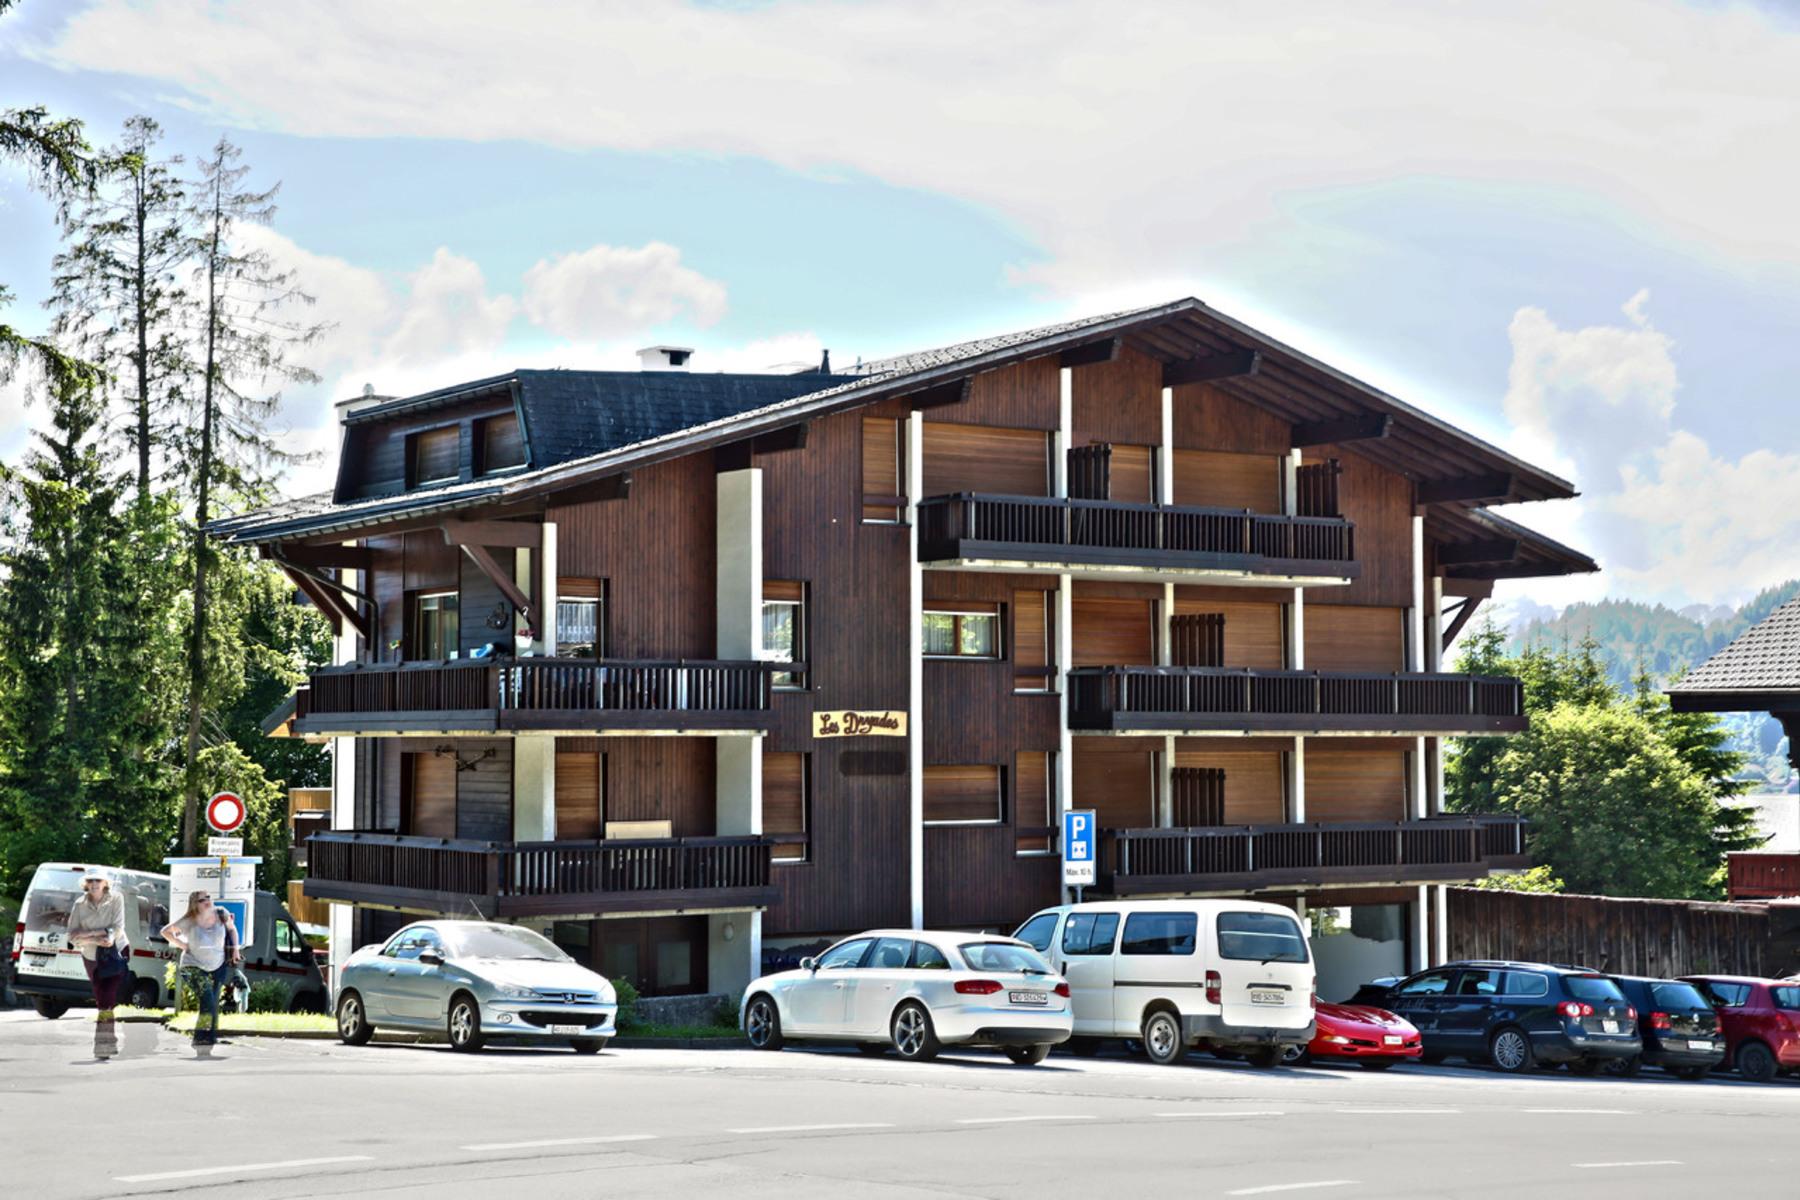 شقة للـ Sale في Dryades 14 Route des Hôtels 24 Villars-Sur-Ollon, Vaud, 1884 Switzerland